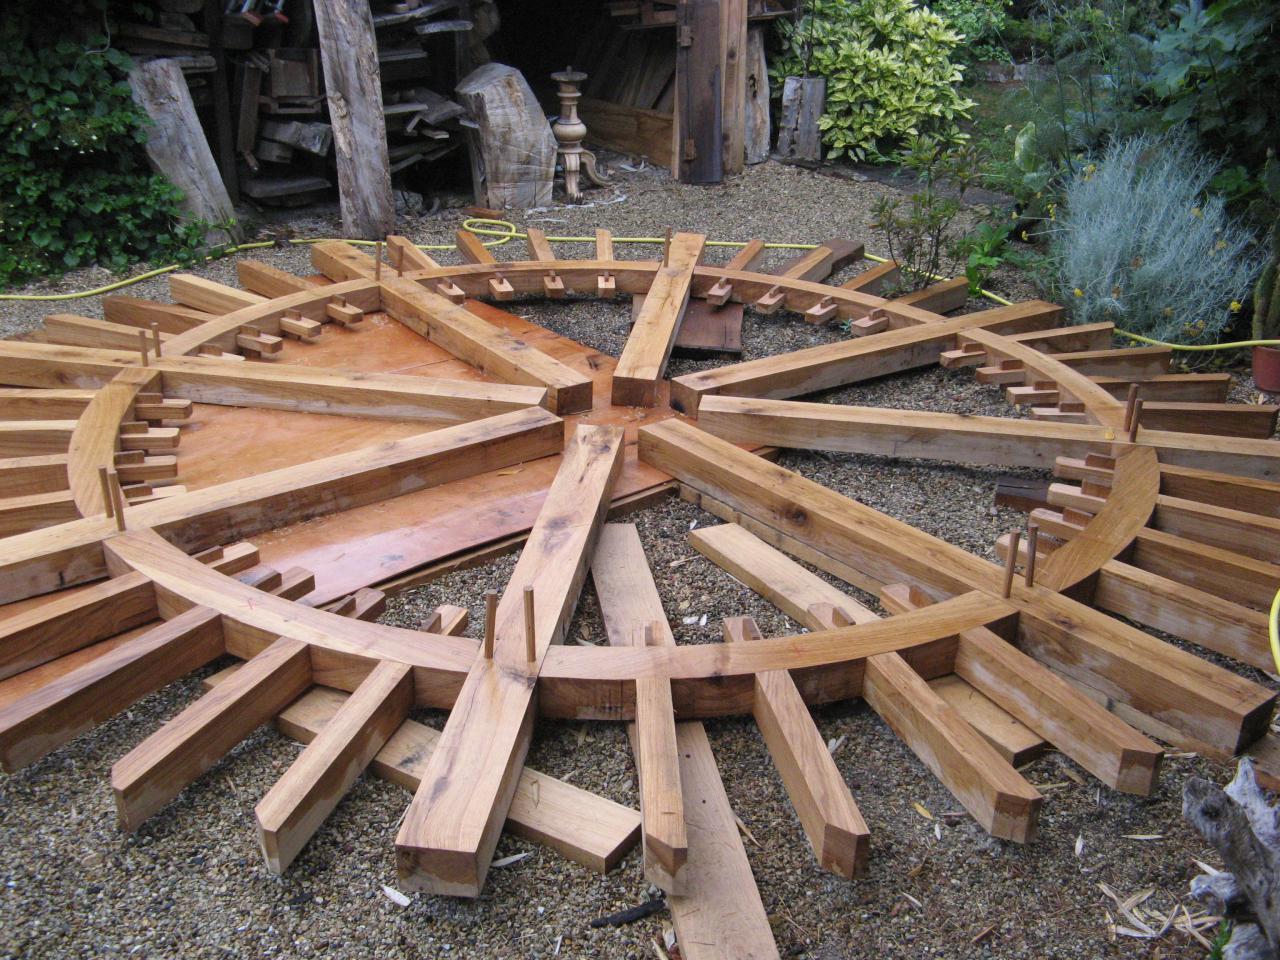 Construction d'une roue de moulin en chêne